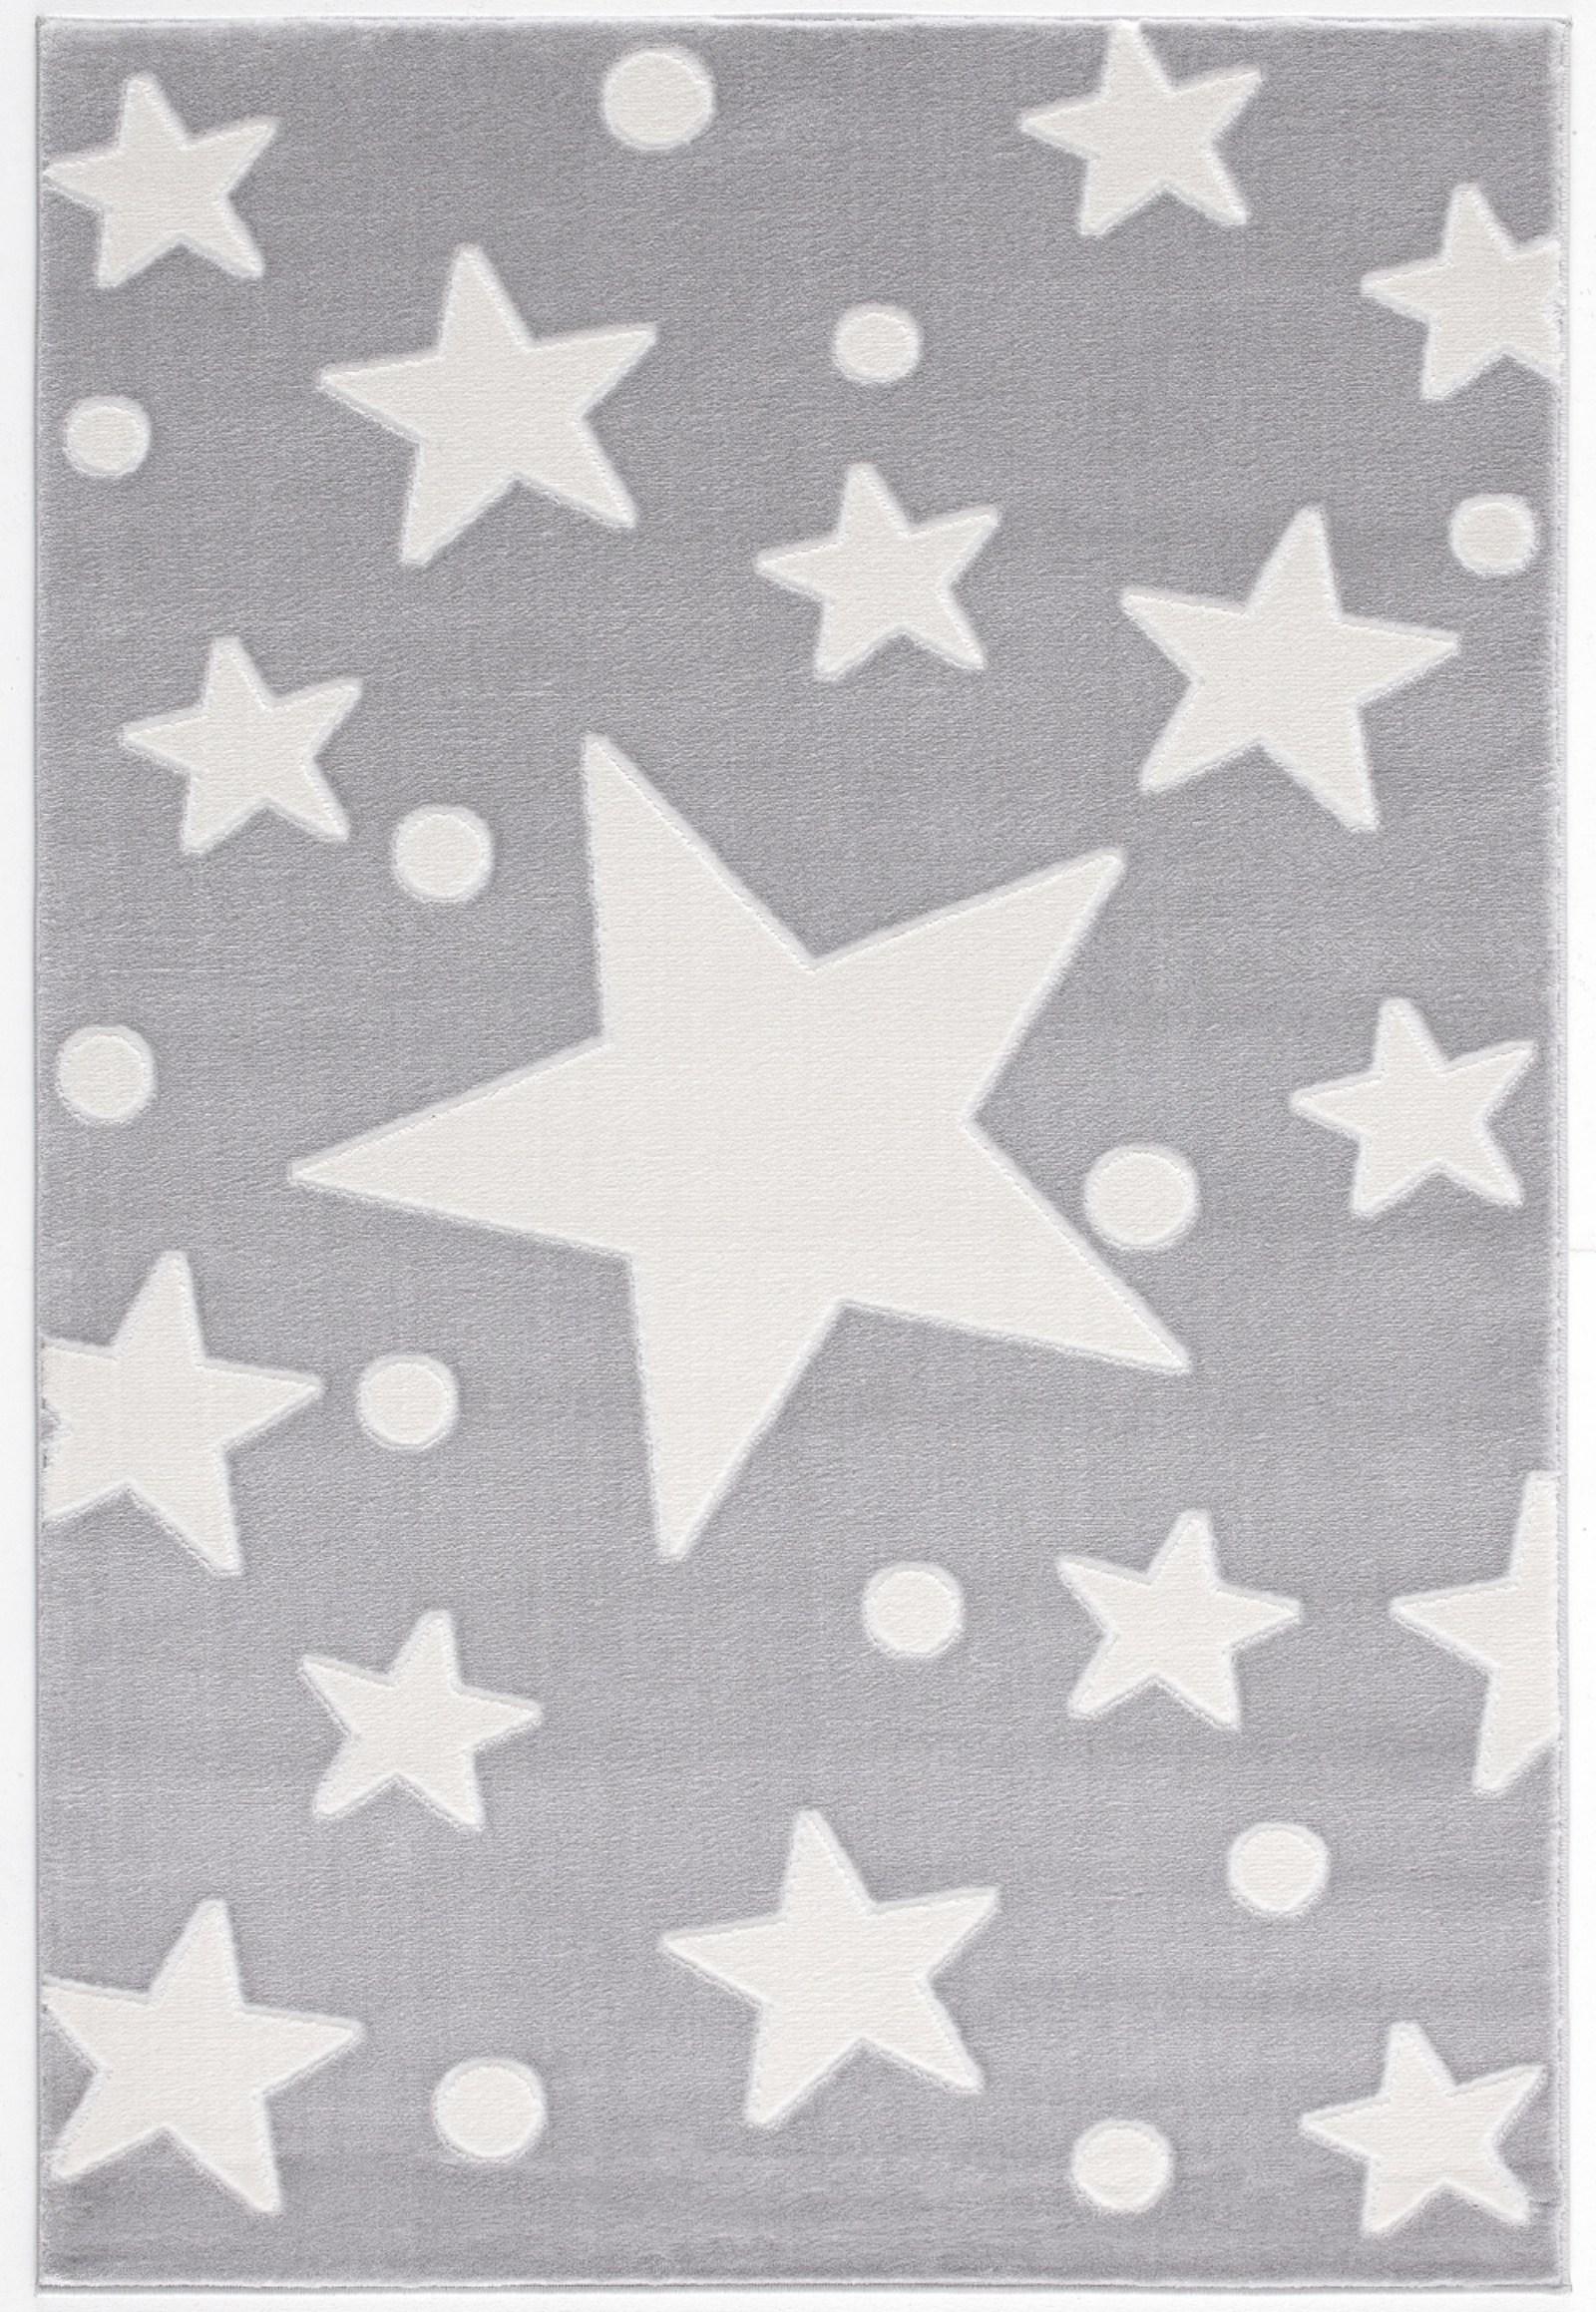 Dětský koberec hvězdy - šedá-bílá 120x180cm